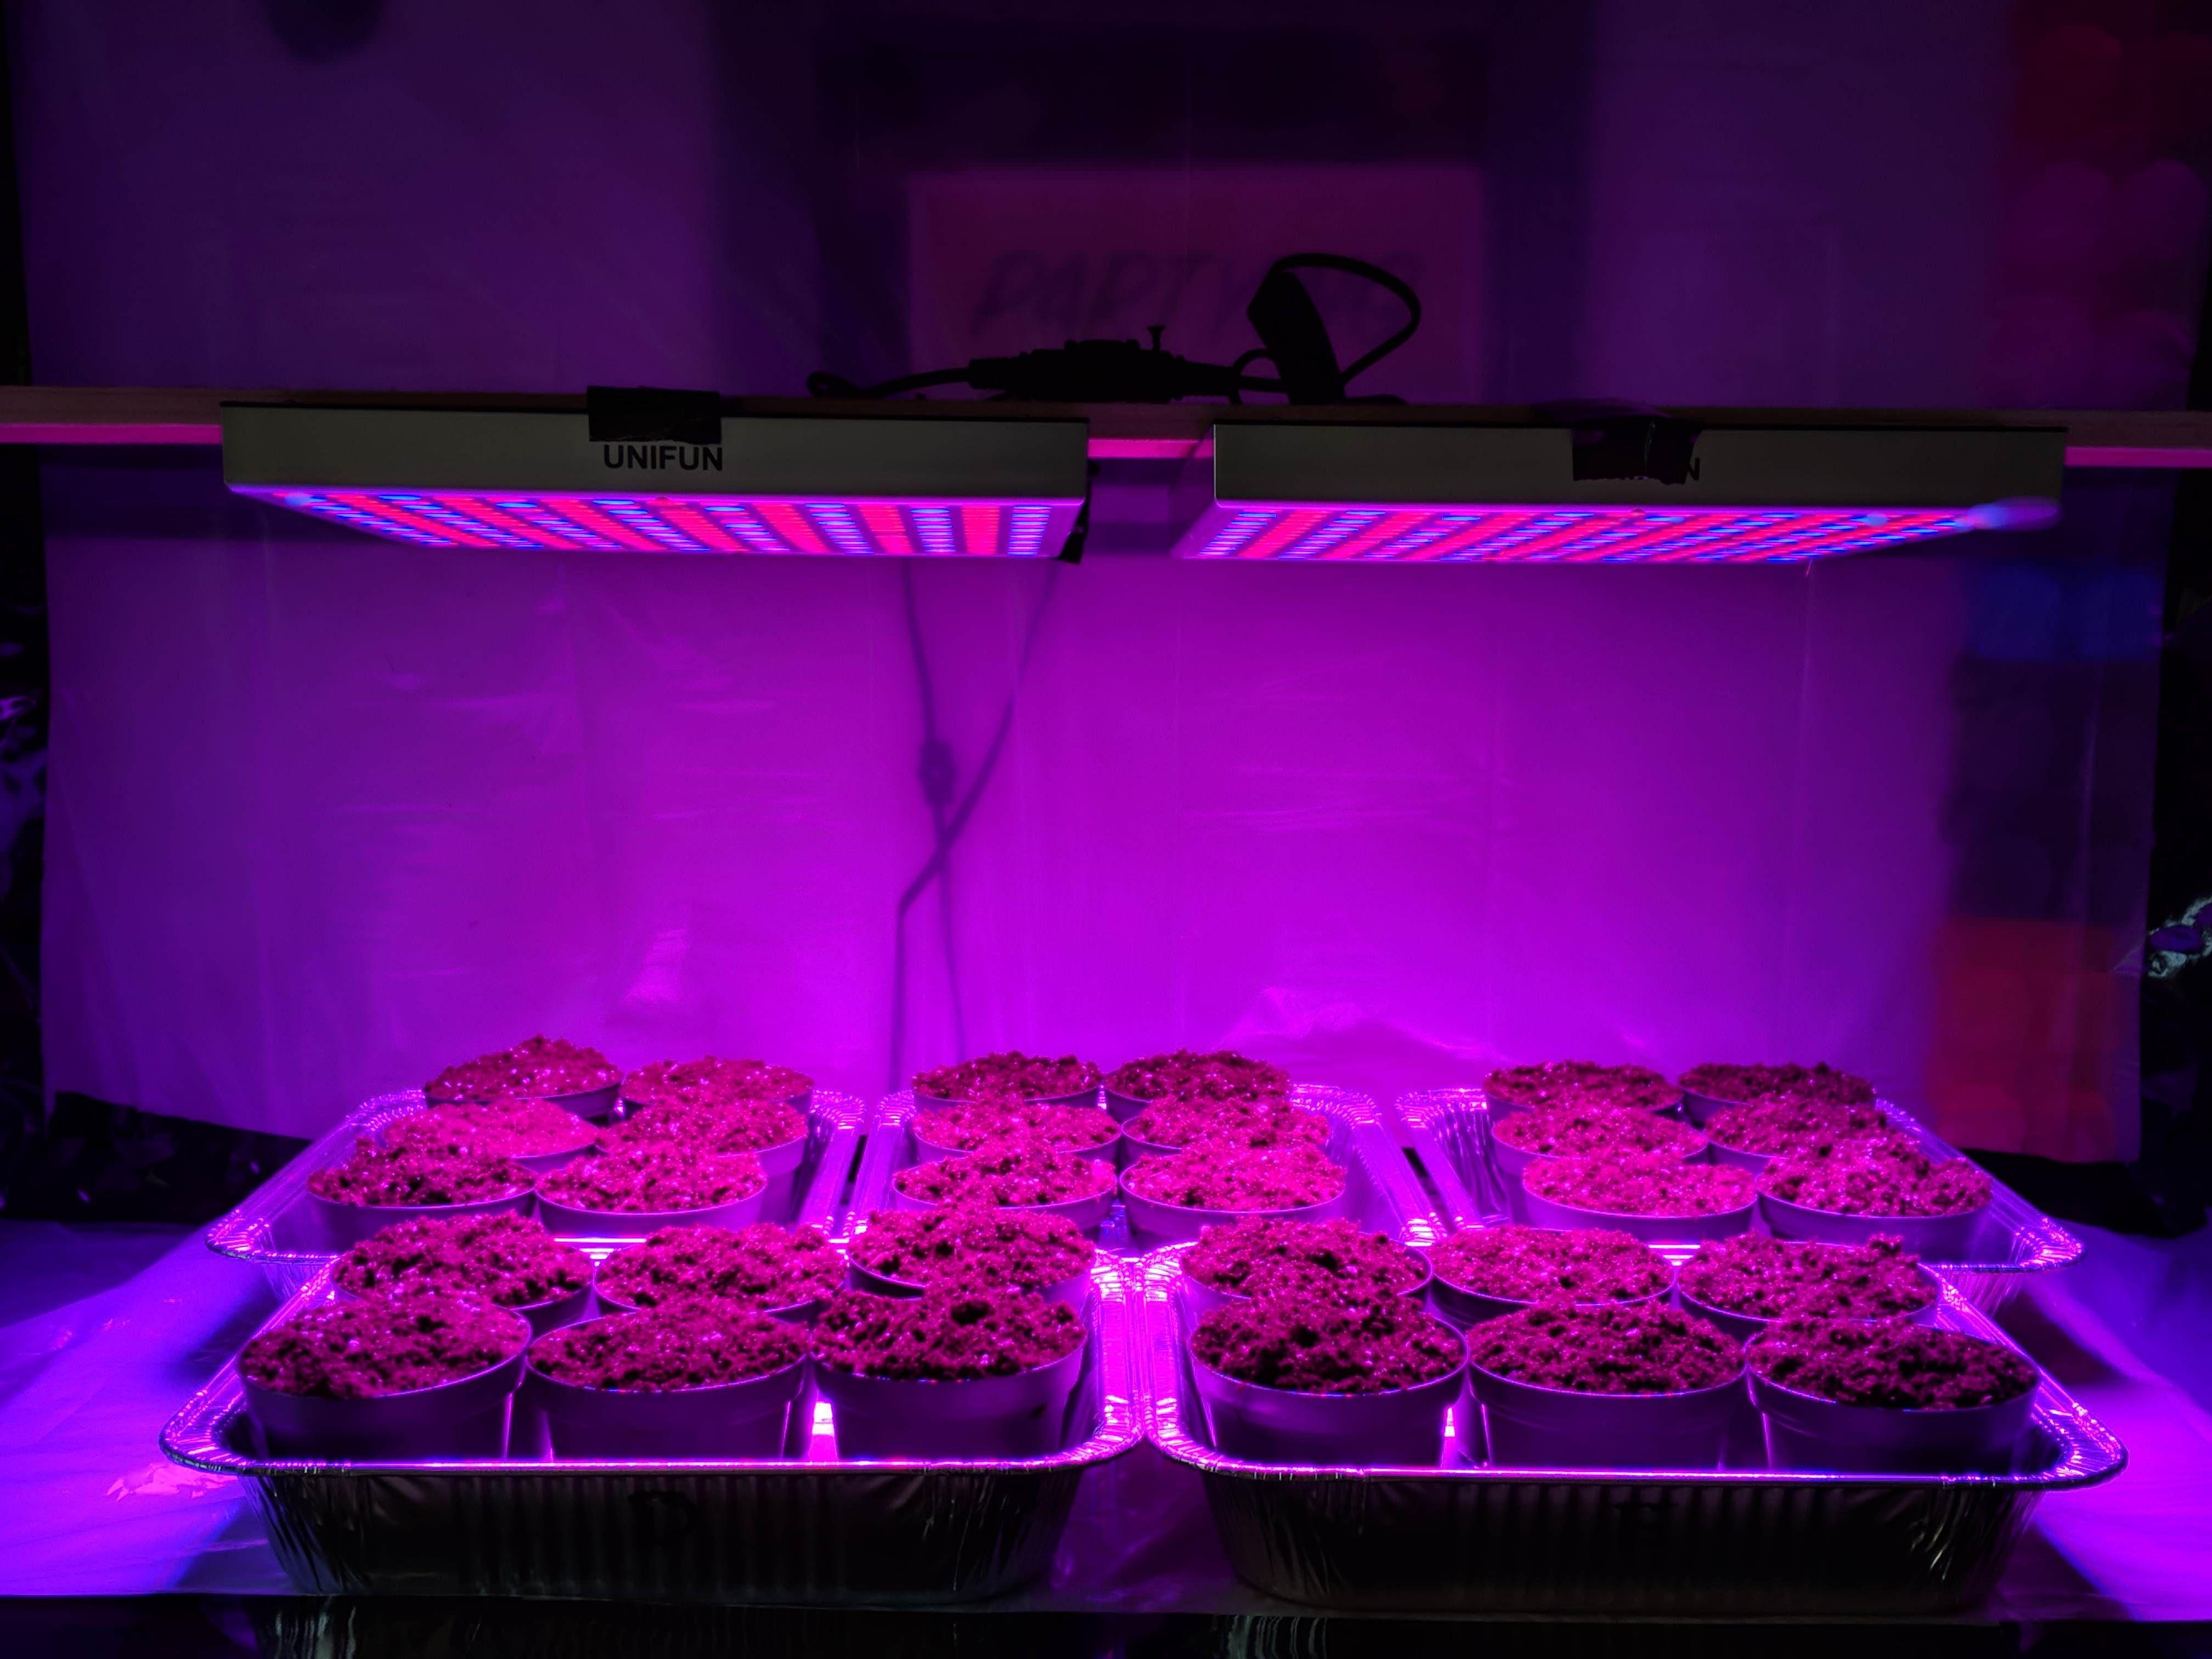 Full Spectrum Led Grow Lights Reviews 1000w Led Grow Light Led Grow Lights Grow Lights Led Grow